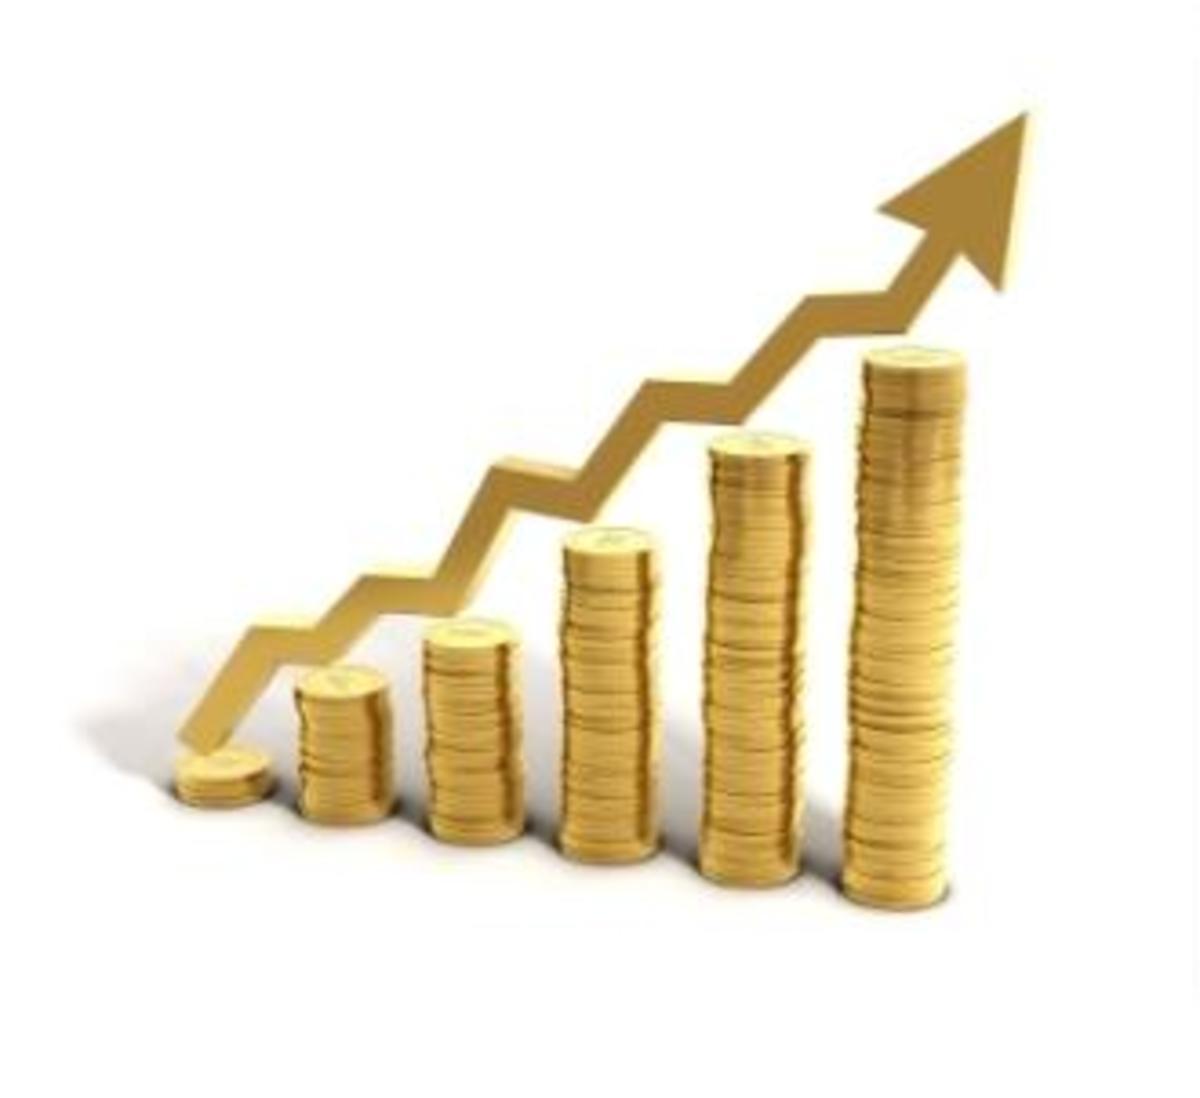 Νέα μεγάλη  άνοδος στο Χρηματιστήριο – 7% πάνω σε 2 ημέρες | Newsit.gr